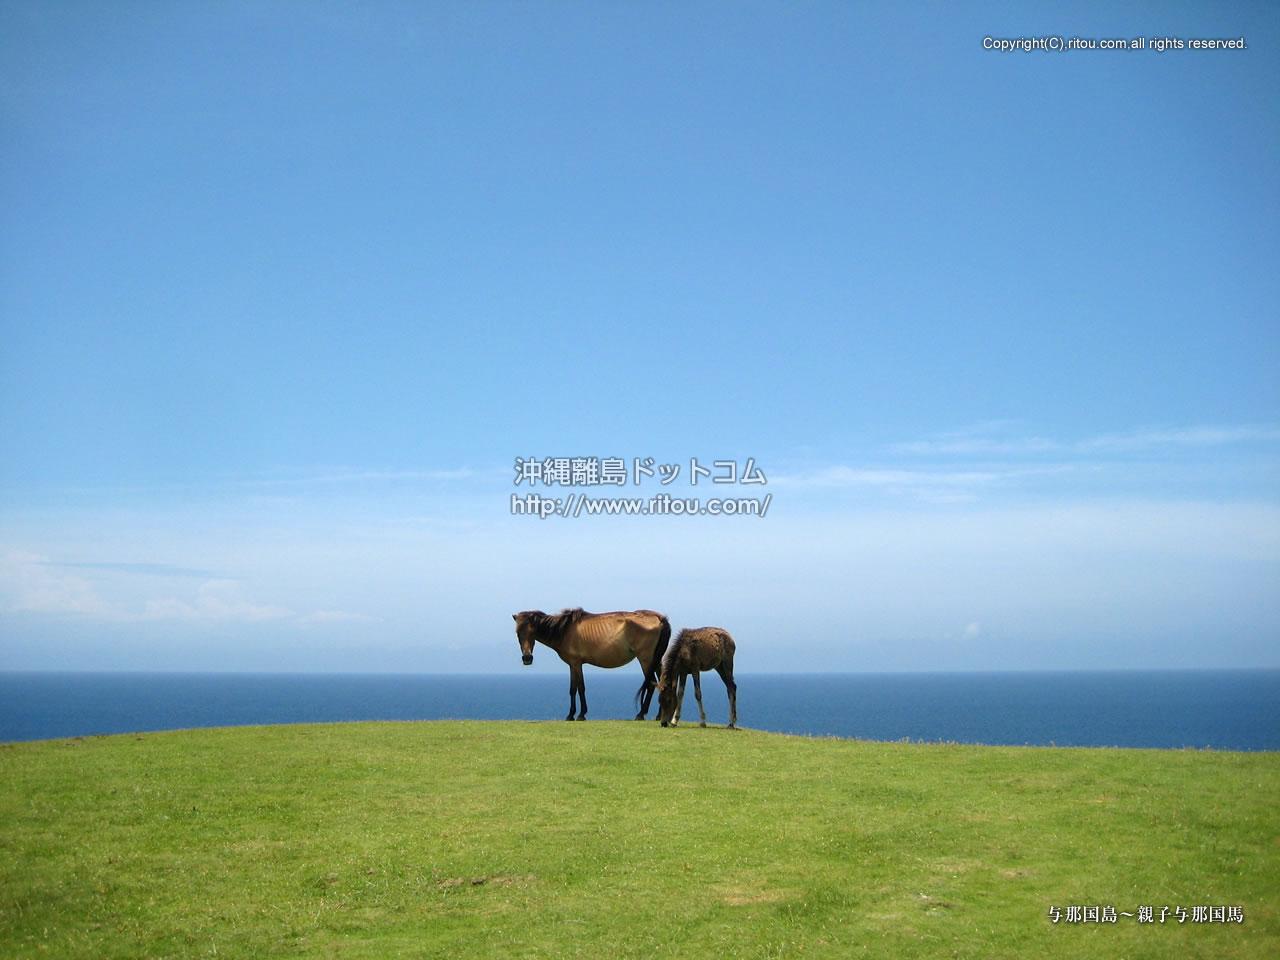 与那国島〜親子与那国馬